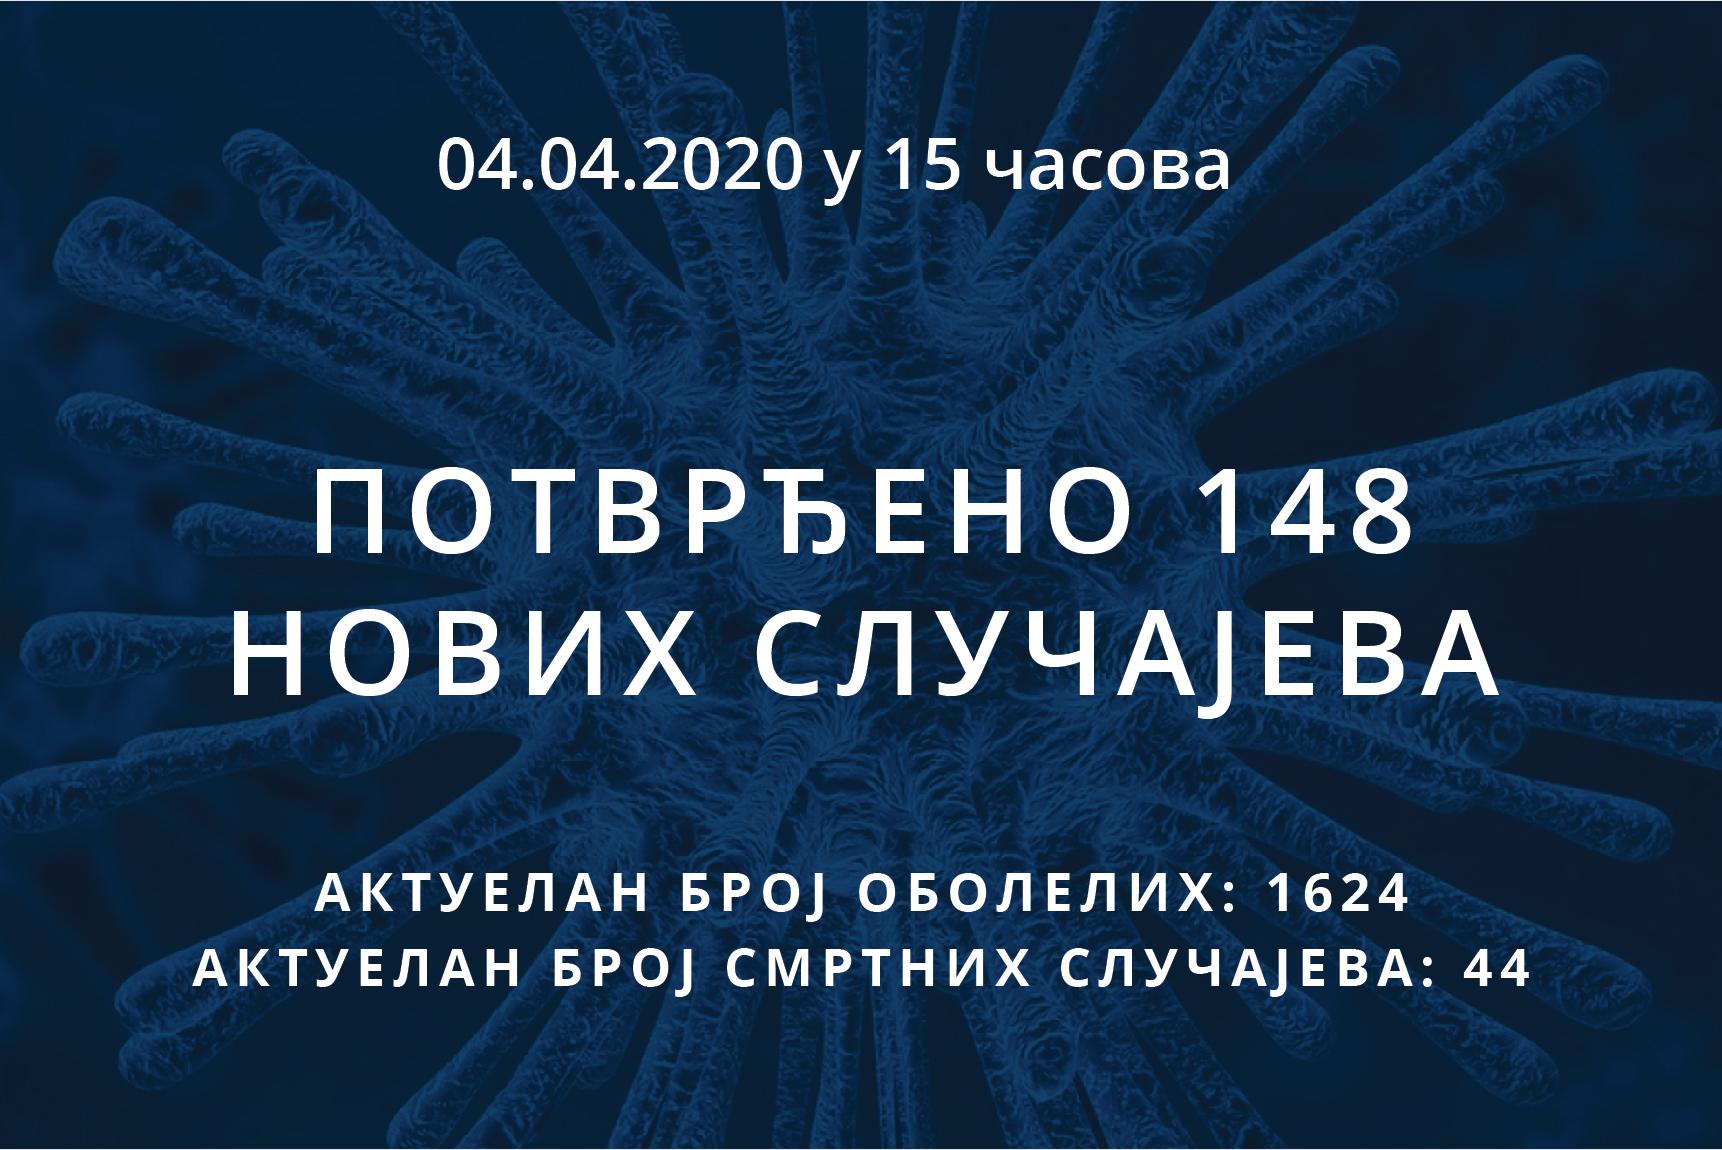 Информације о корона вирусу COVID-19, 04.04.2020 у 15 часова